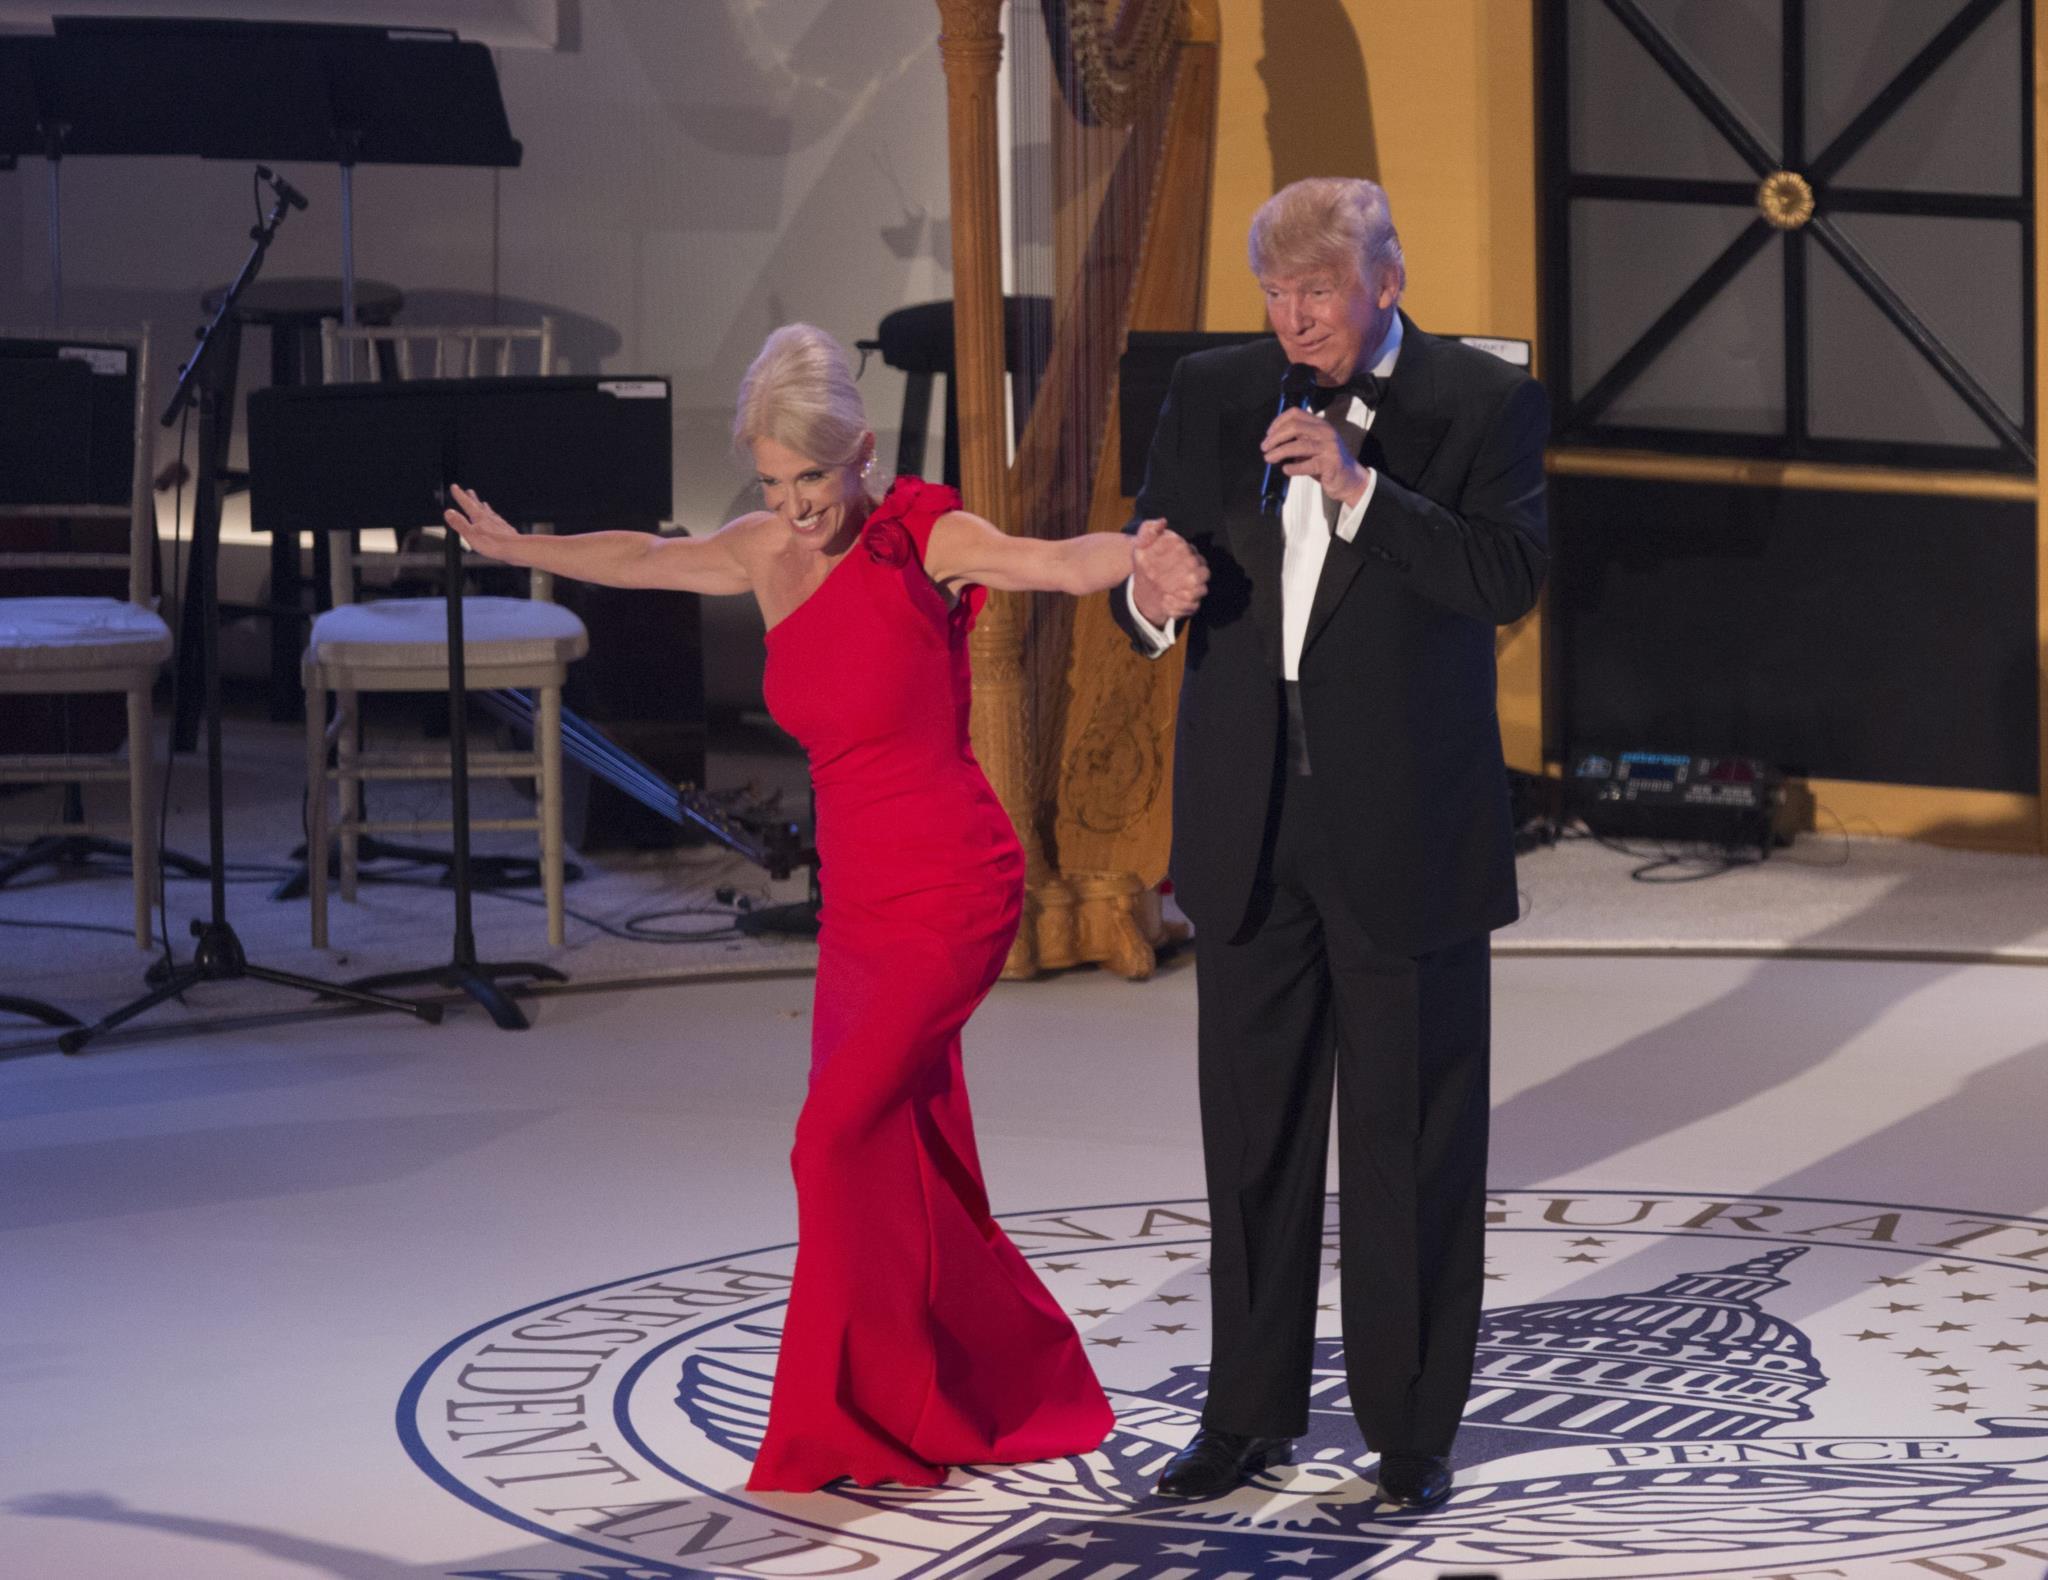 Kellyanne Conway com o Presidente Donald Trump na véspera da tomada de posse